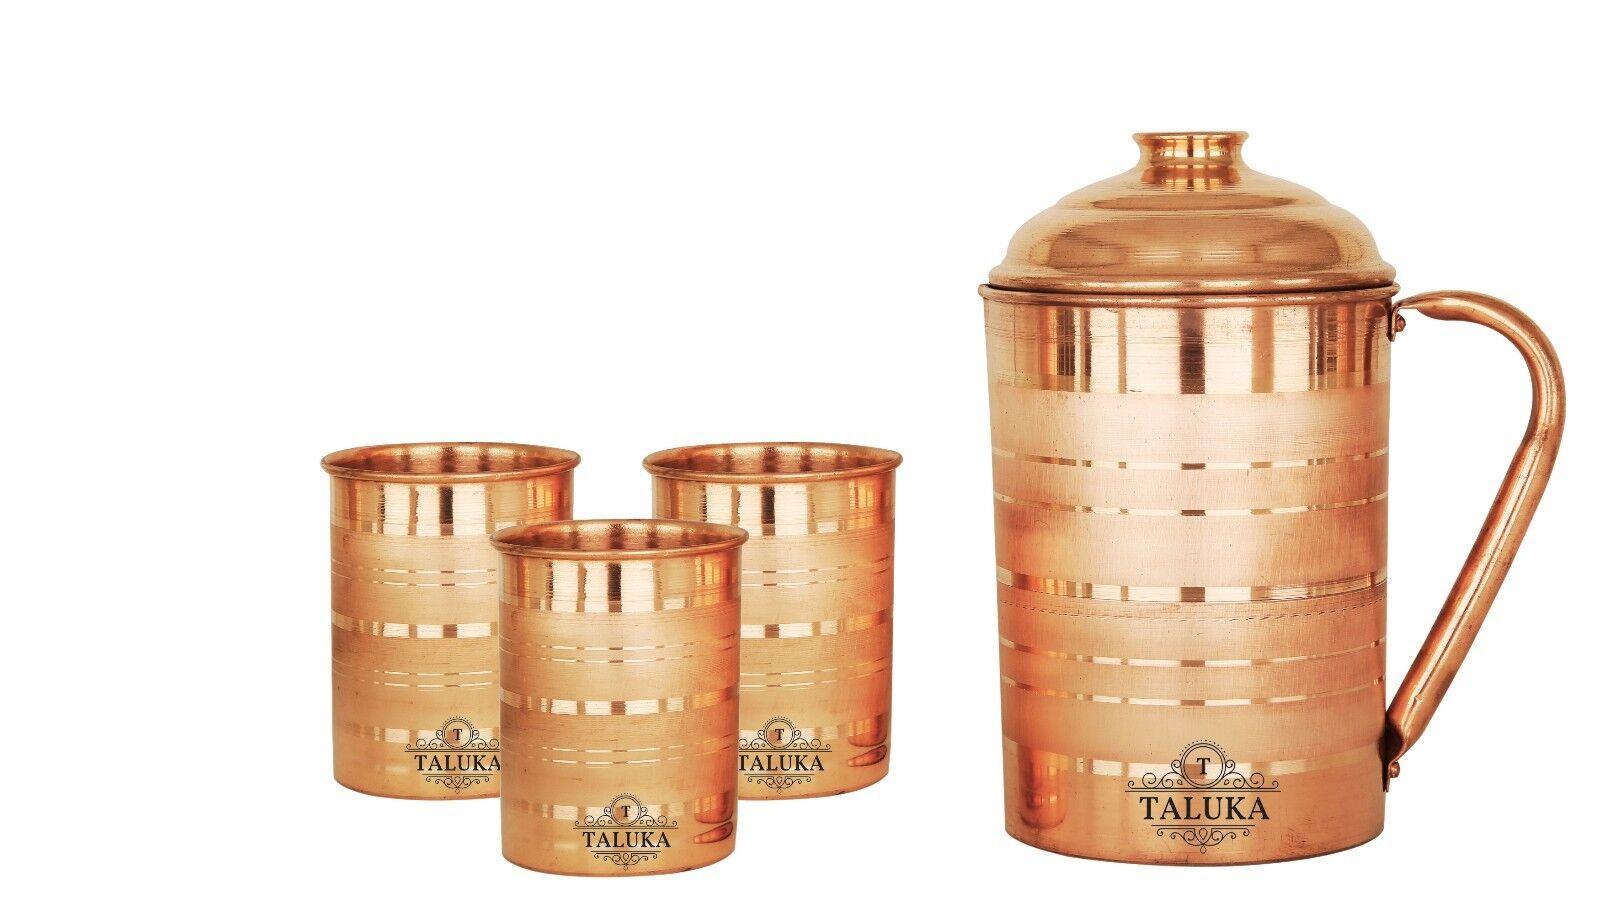 Taluka Handarbeit Kupferkrug Krug 57 Unze mit 3 Kupferglas Wasser Trinkgefäße